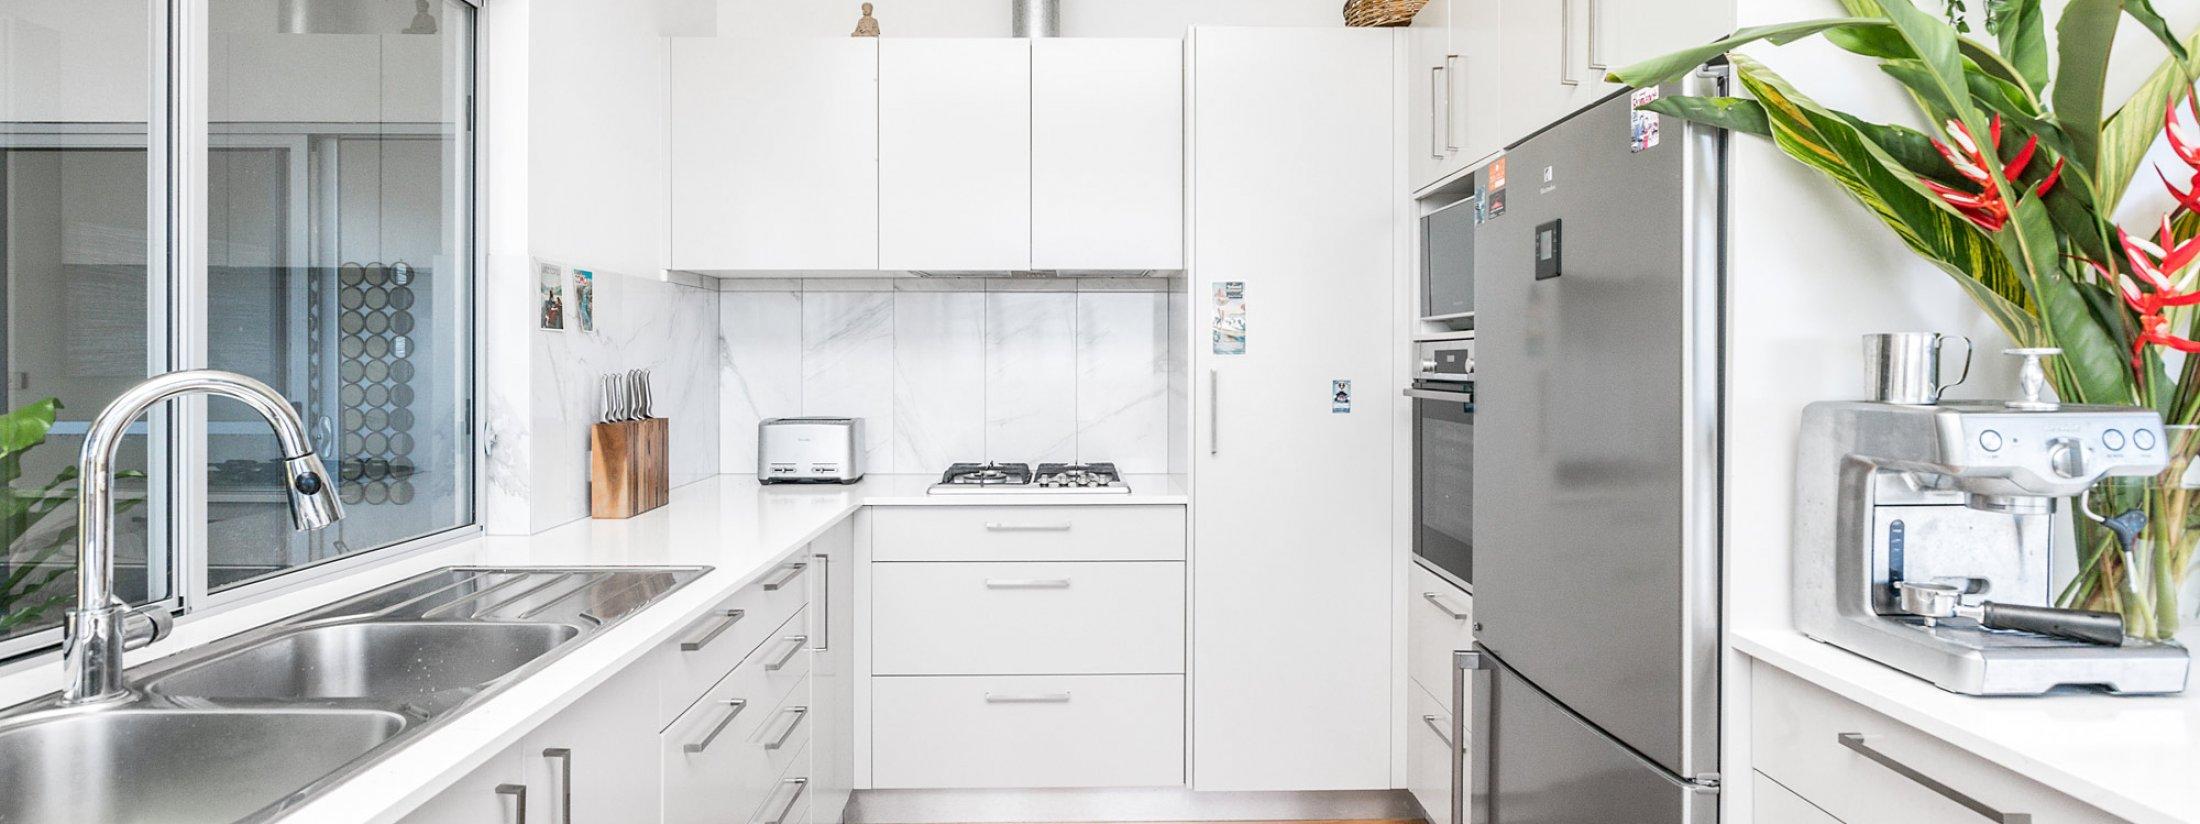 Jali Burugar - Byron Bay - Kitchen b